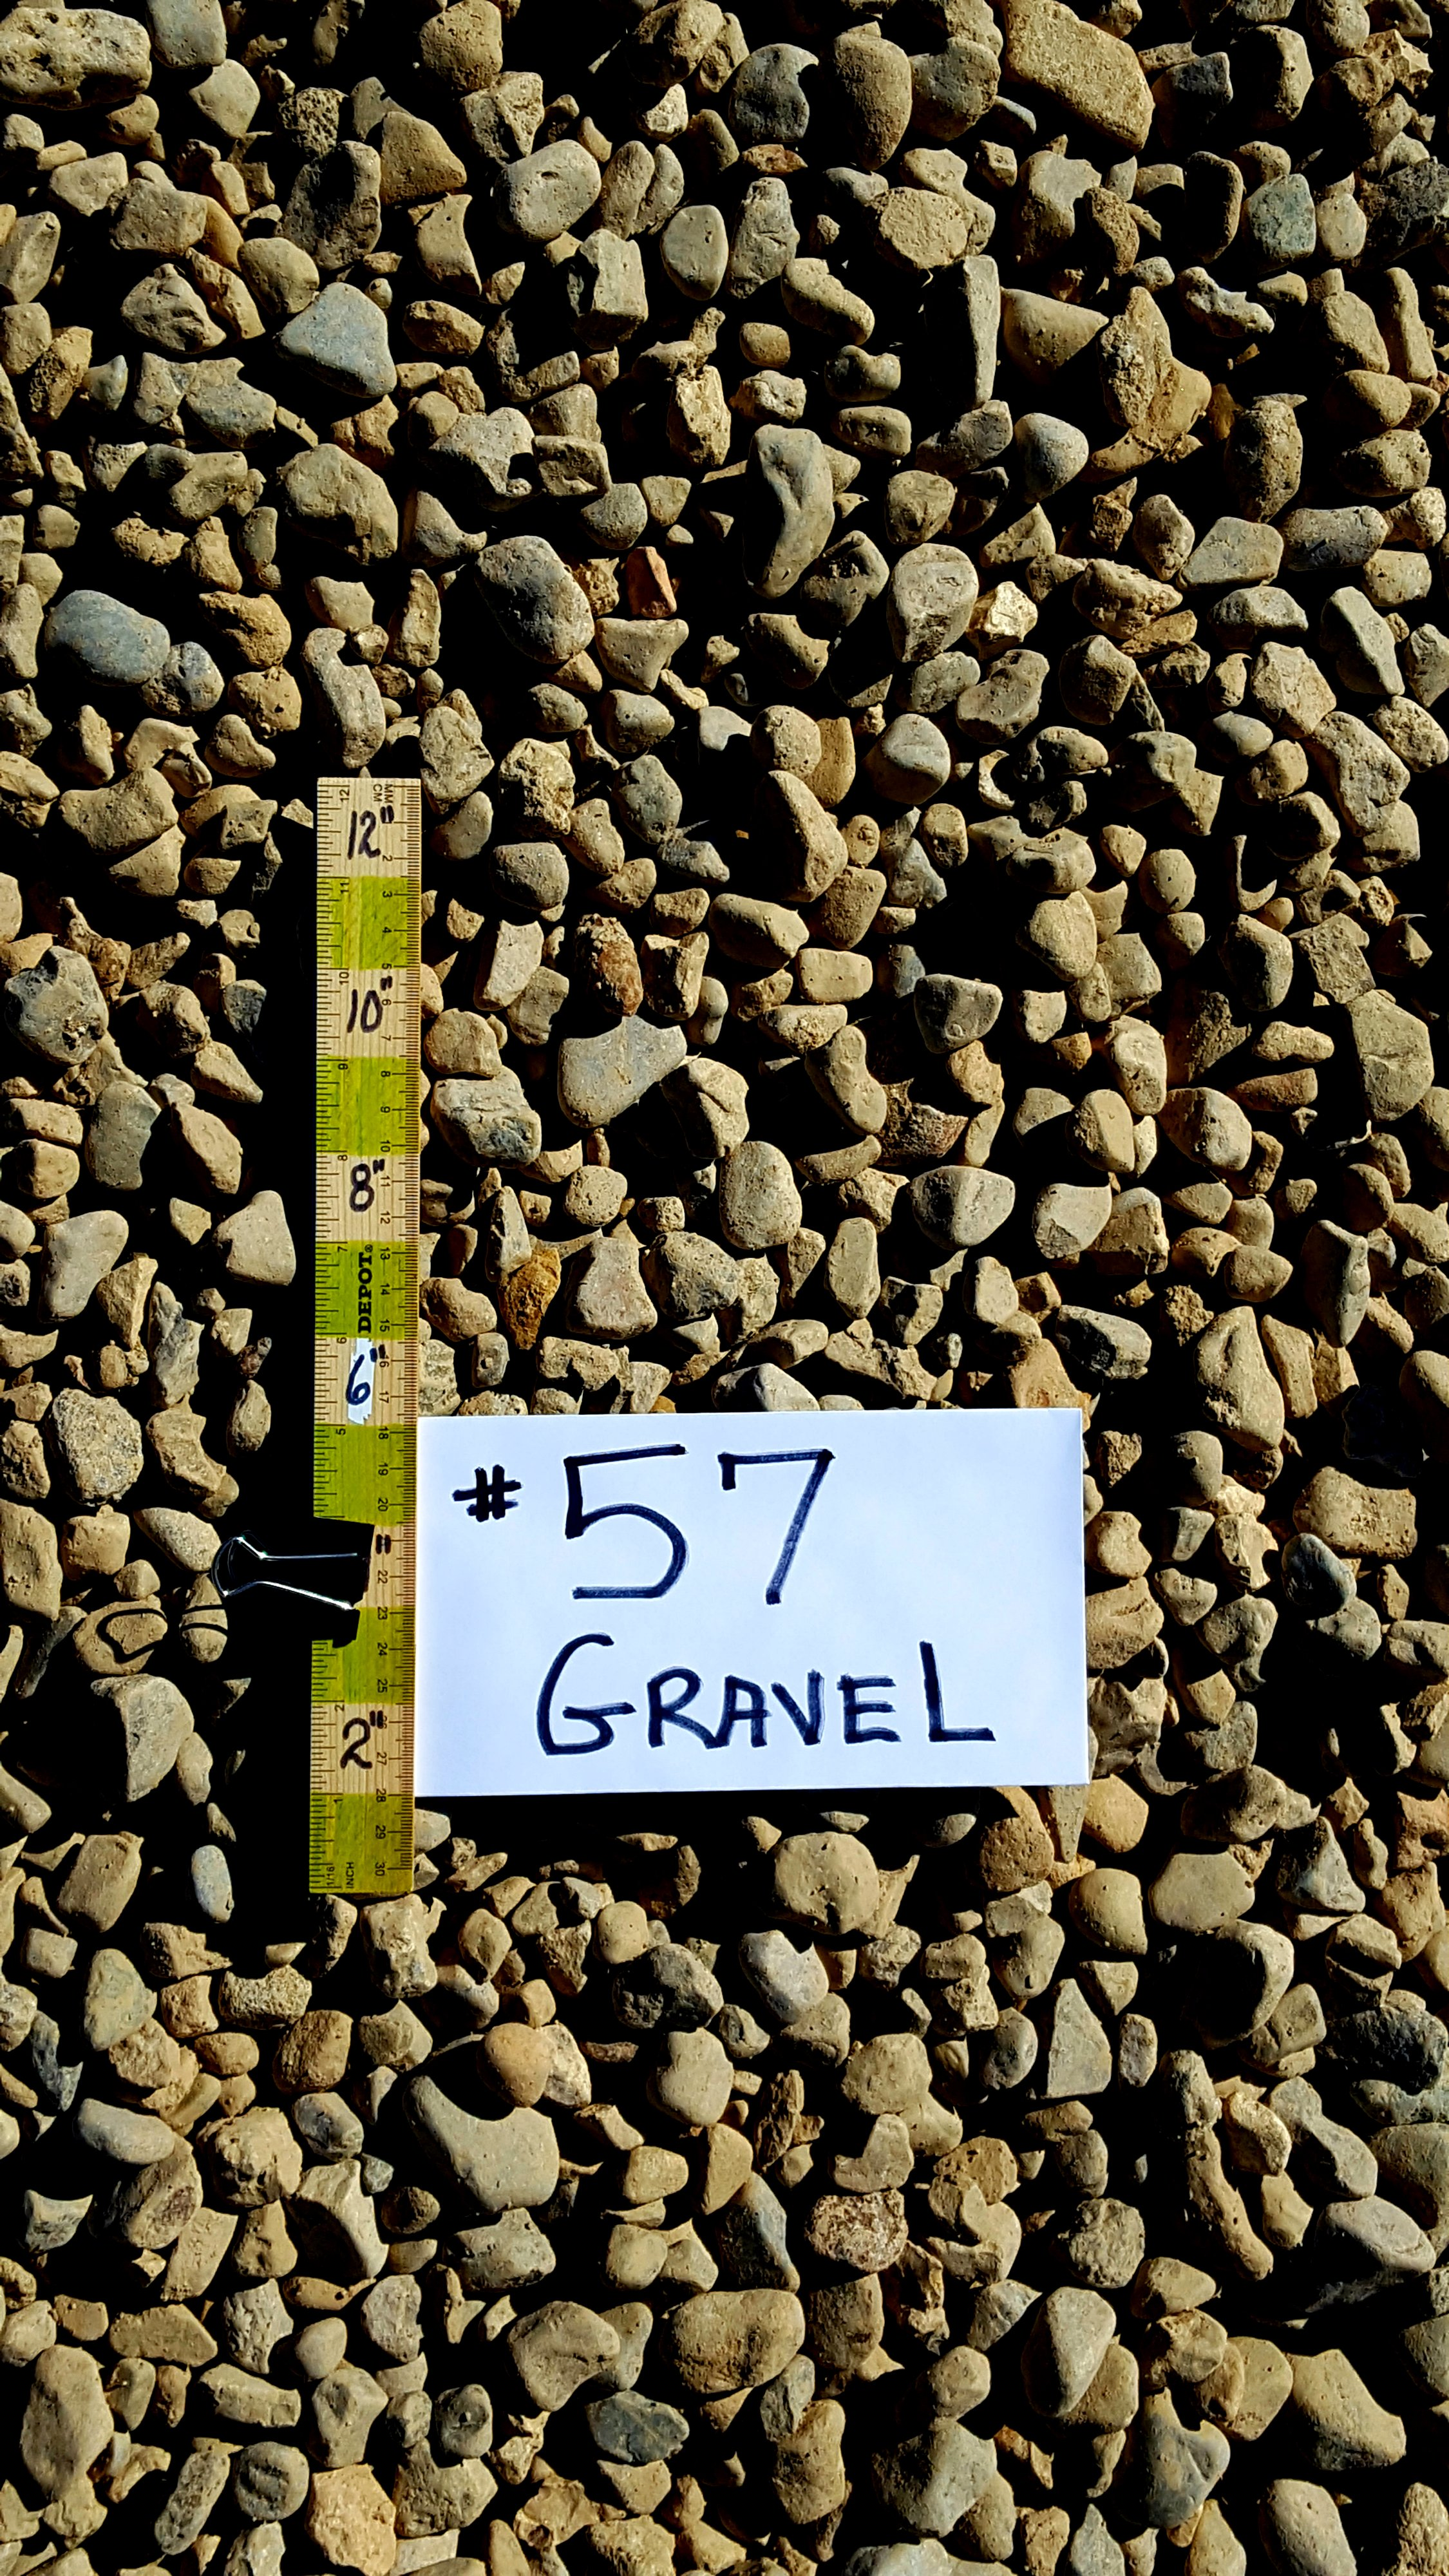 No. 57 Gravel